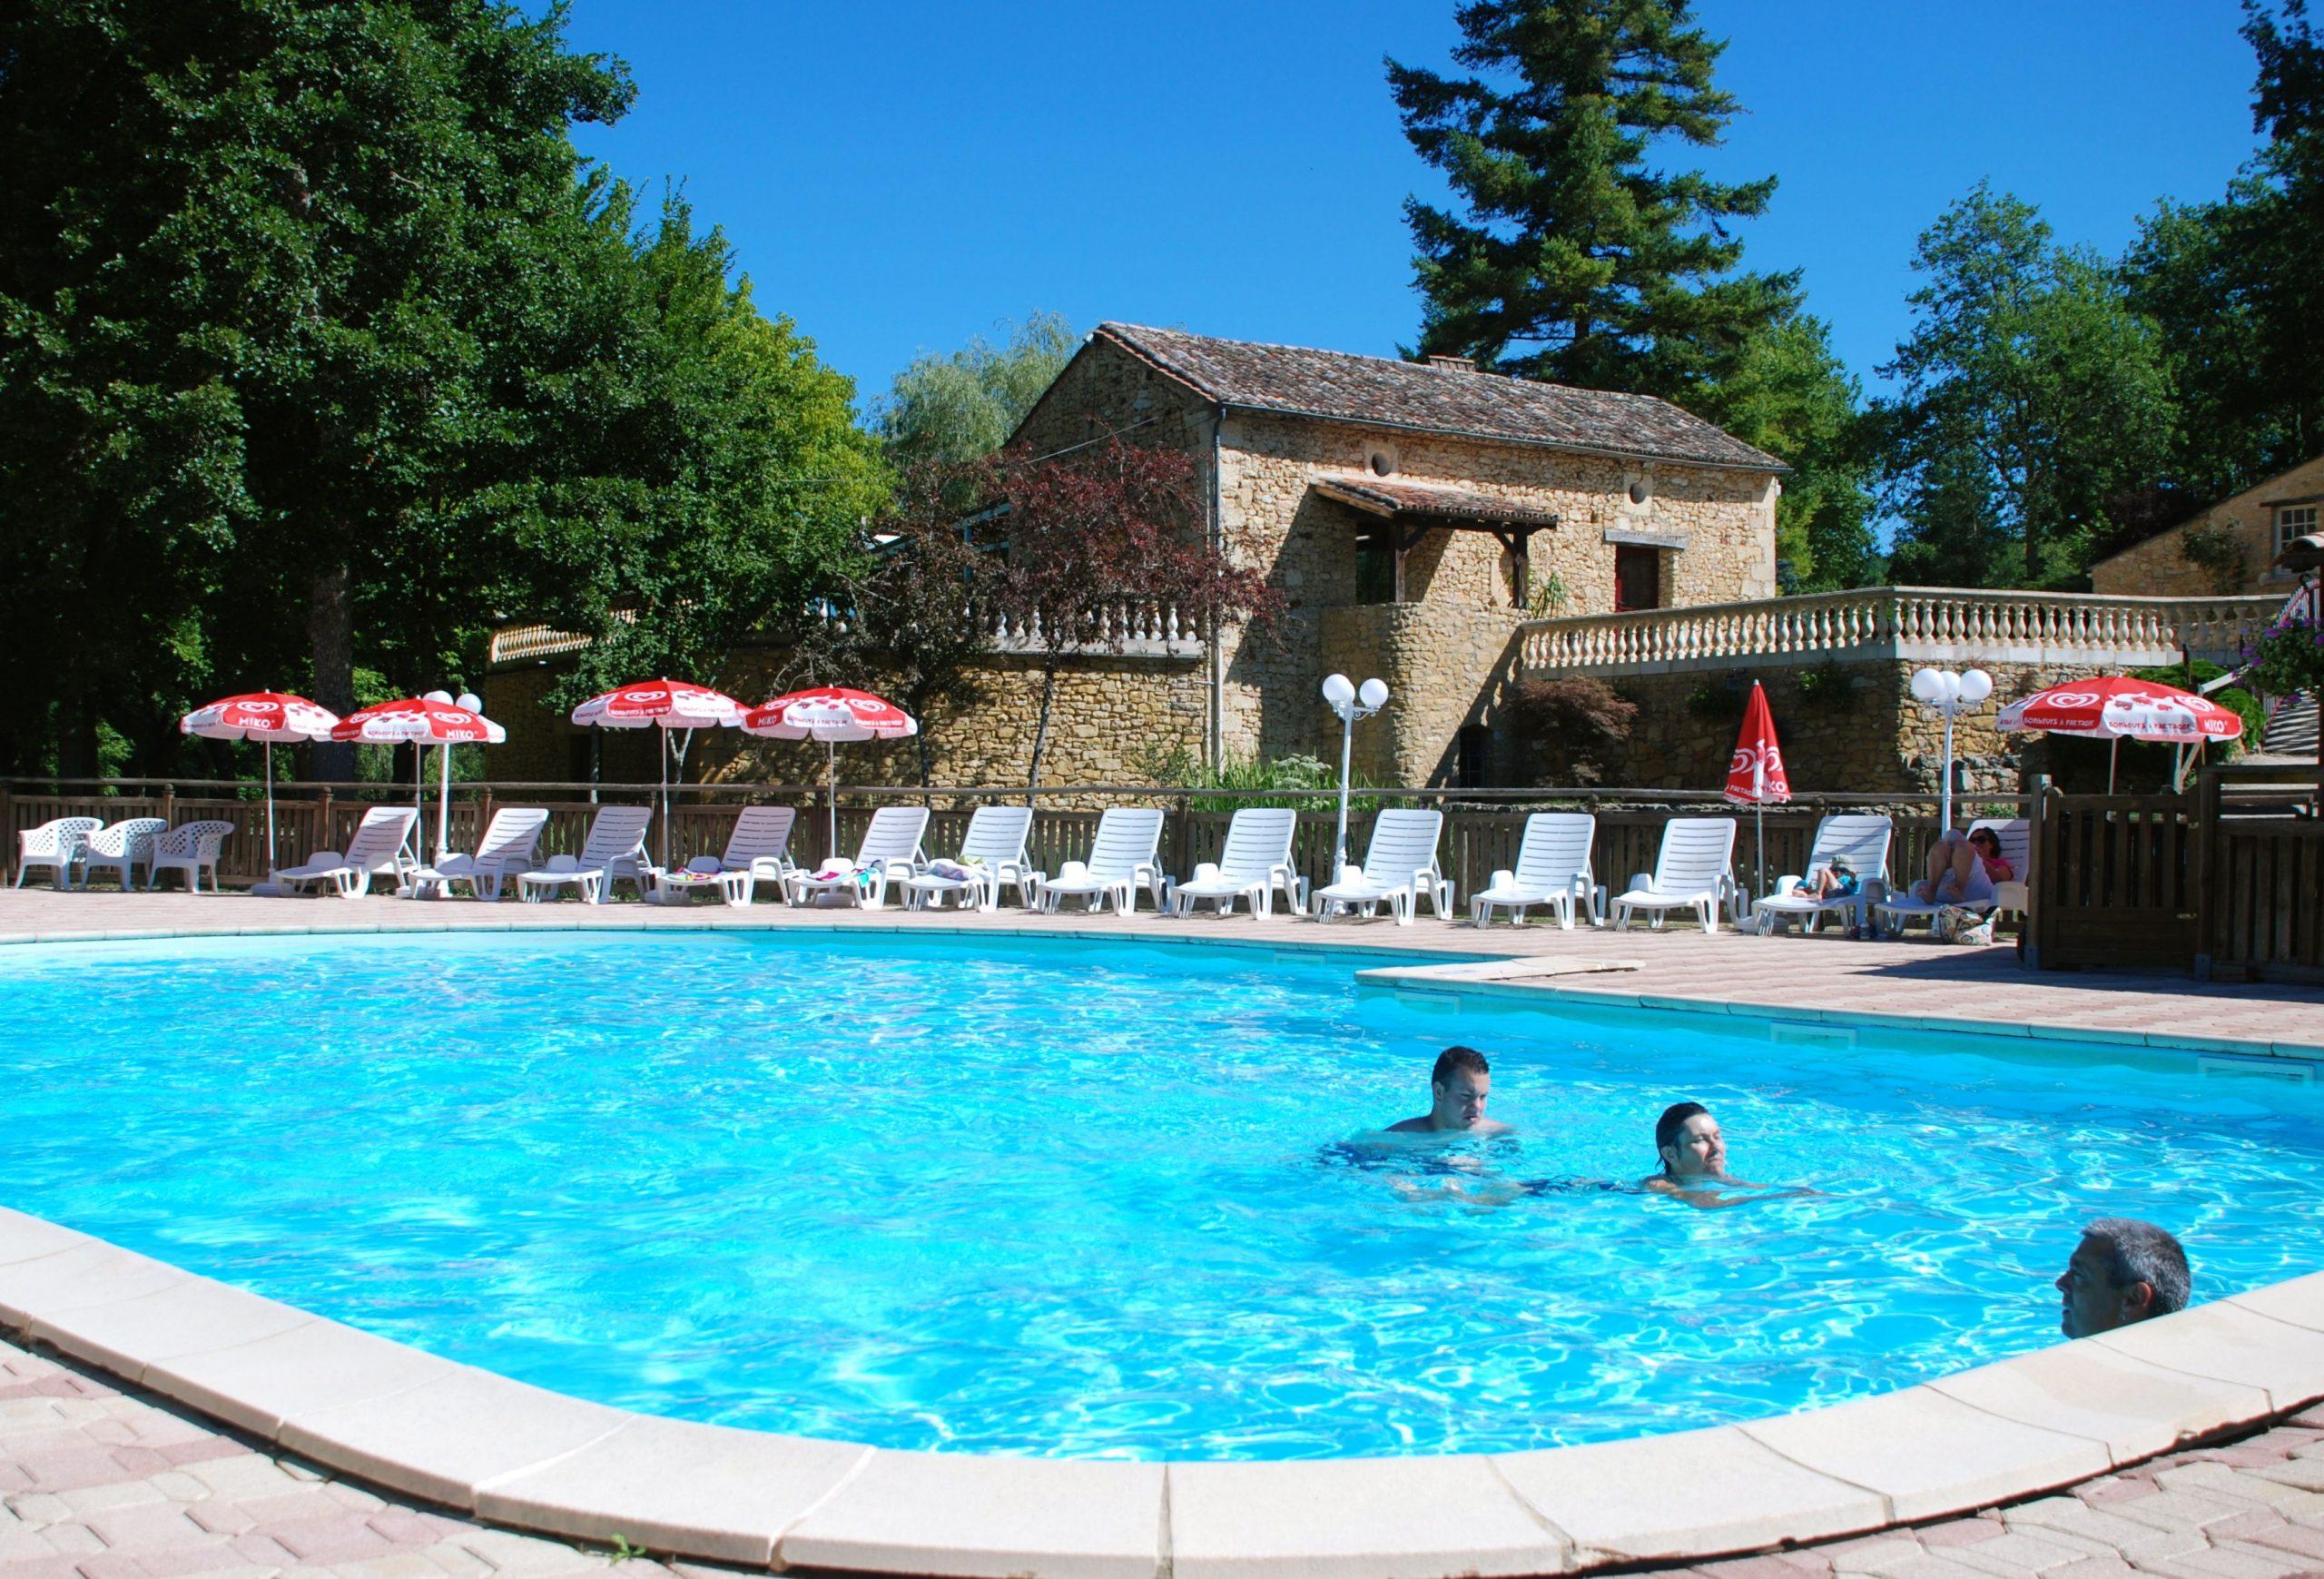 Campsite Dordogne With Aqua Park | Campsite Le Moulin De Surier destiné Location Dordogne Piscine